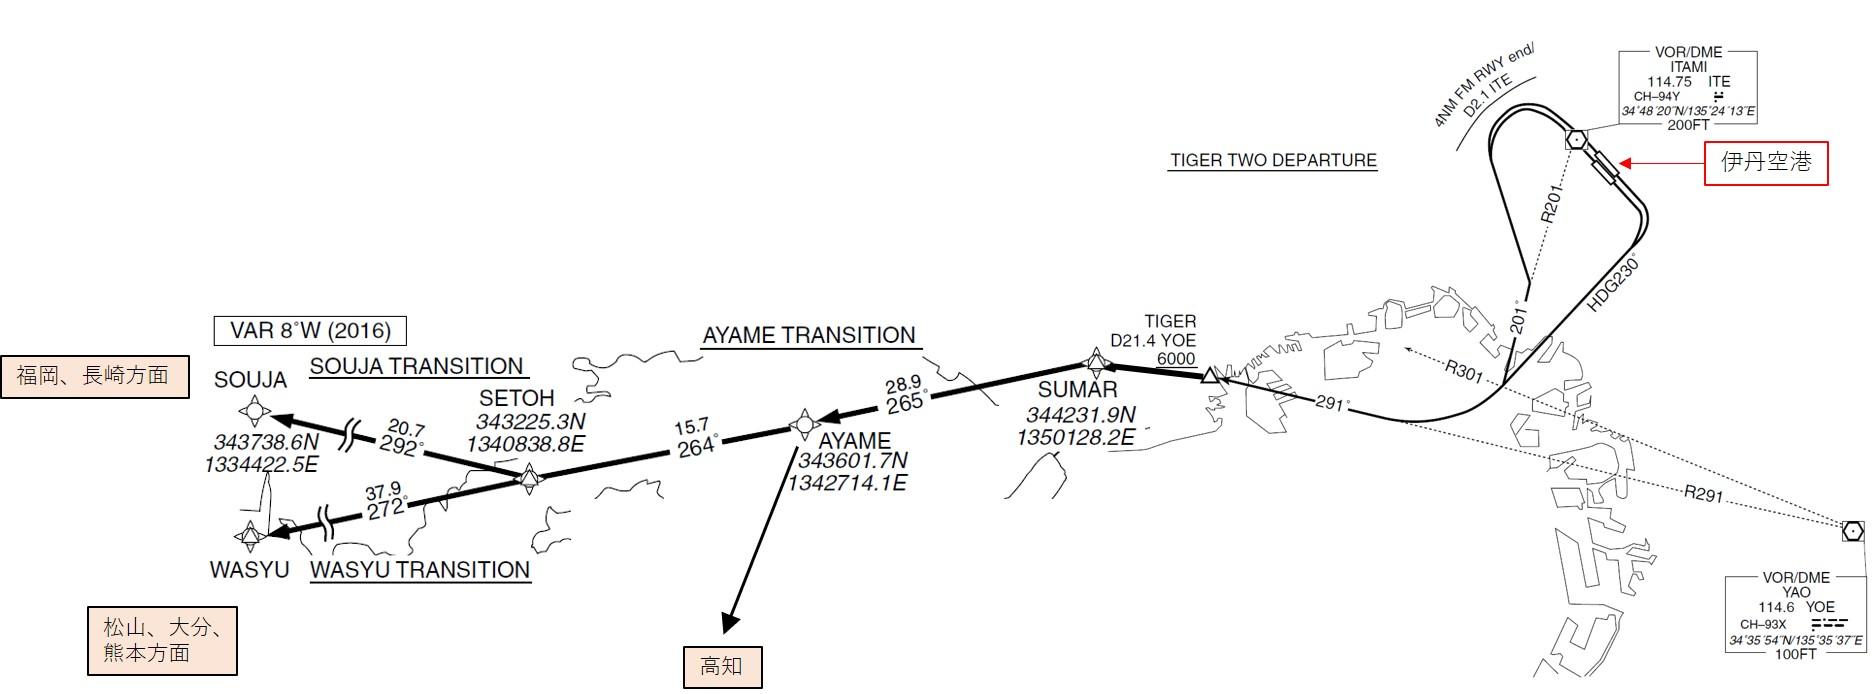 TIGER DEPARTUREからSOUJA・WASYU・AYAME TRANSITIONへの飛行経路